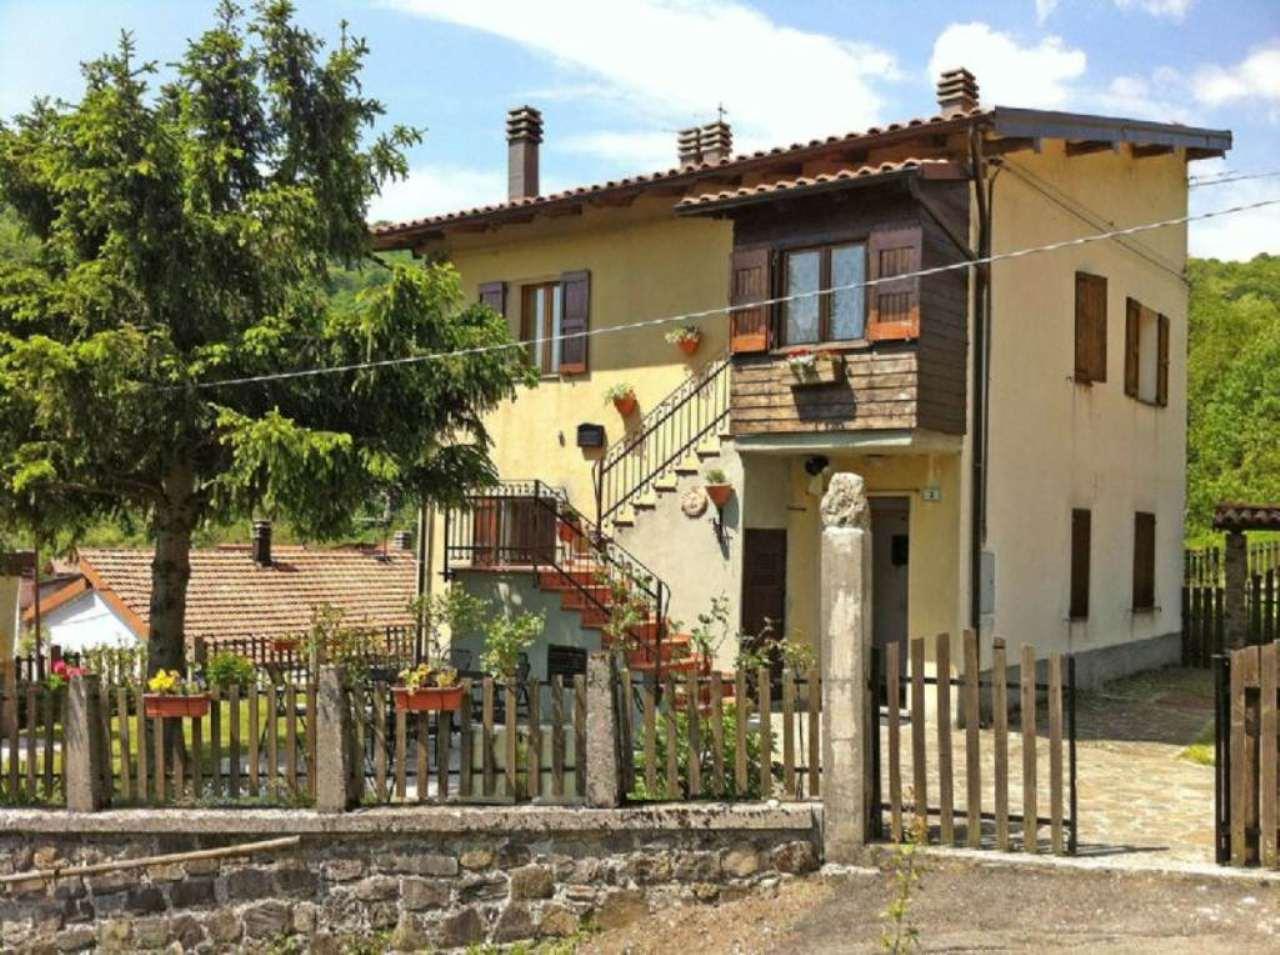 Appartamento in vendita a Collagna, 3 locali, prezzo € 70.000 | Cambio Casa.it